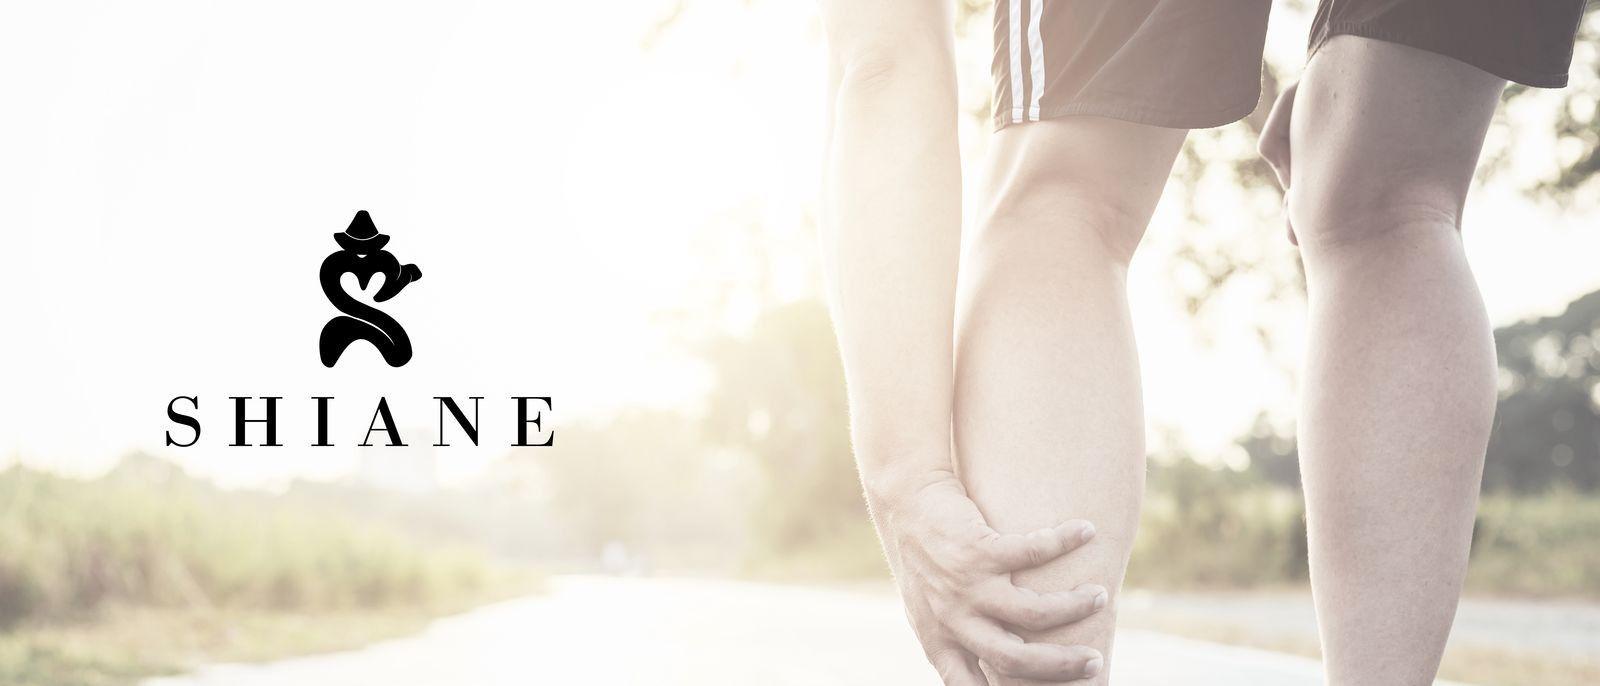 Runner grabbing leg